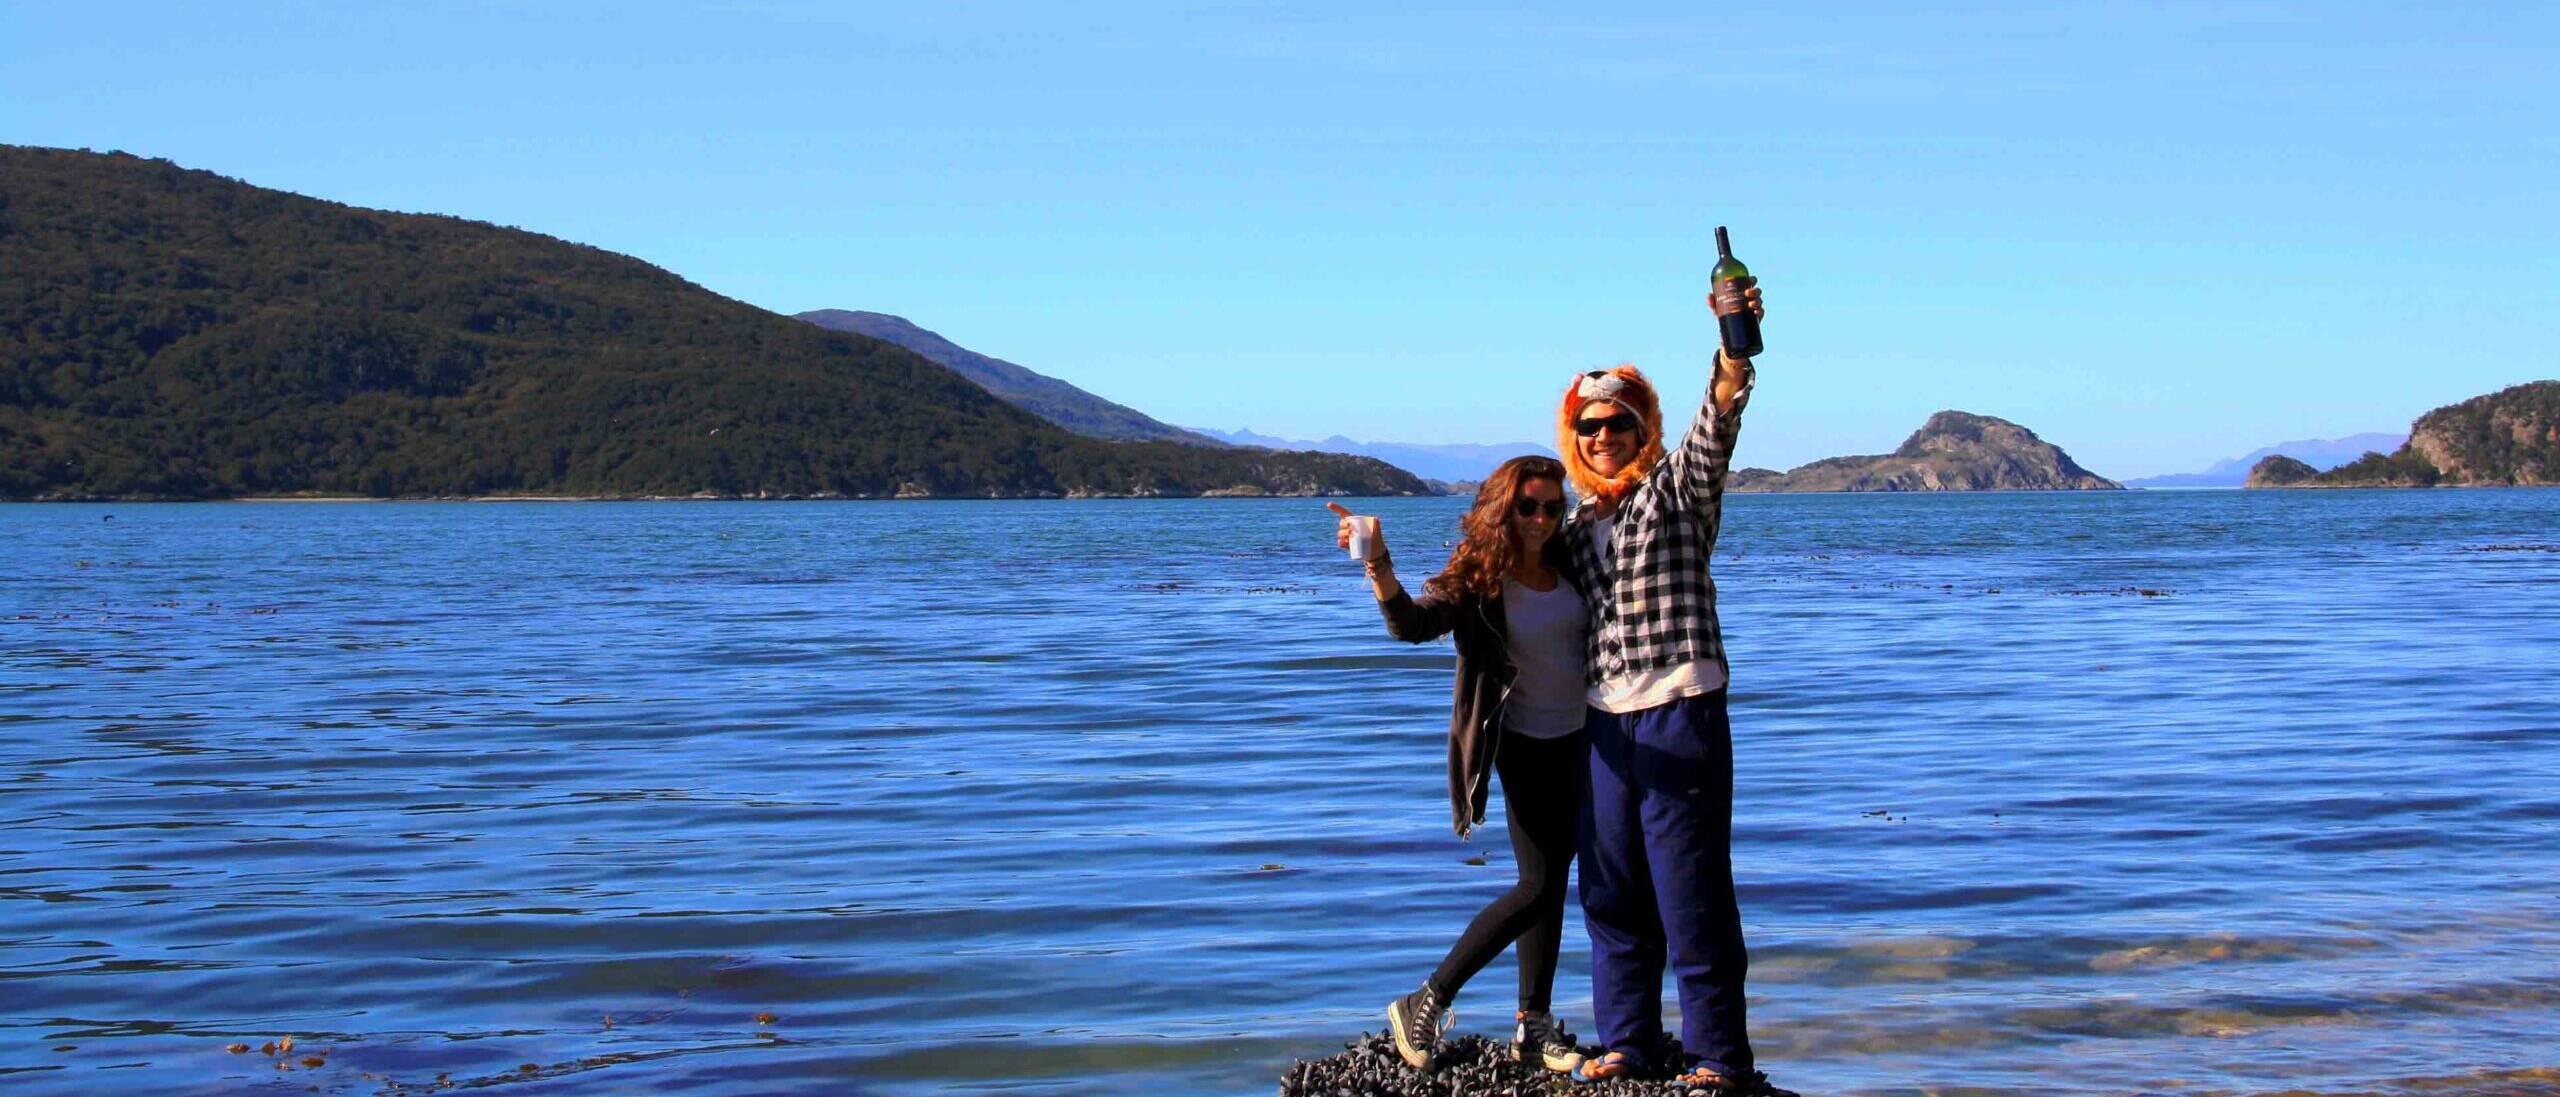 Tierra del Fuego National Park in Argentina